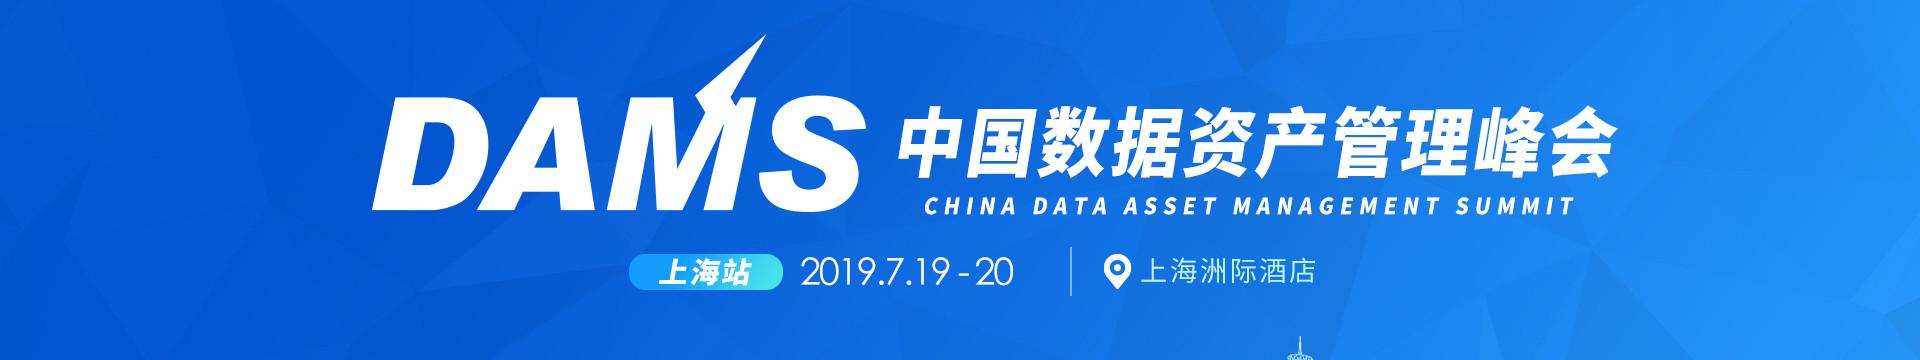 DAMS 2019中国数据智能管理峰会(上海)